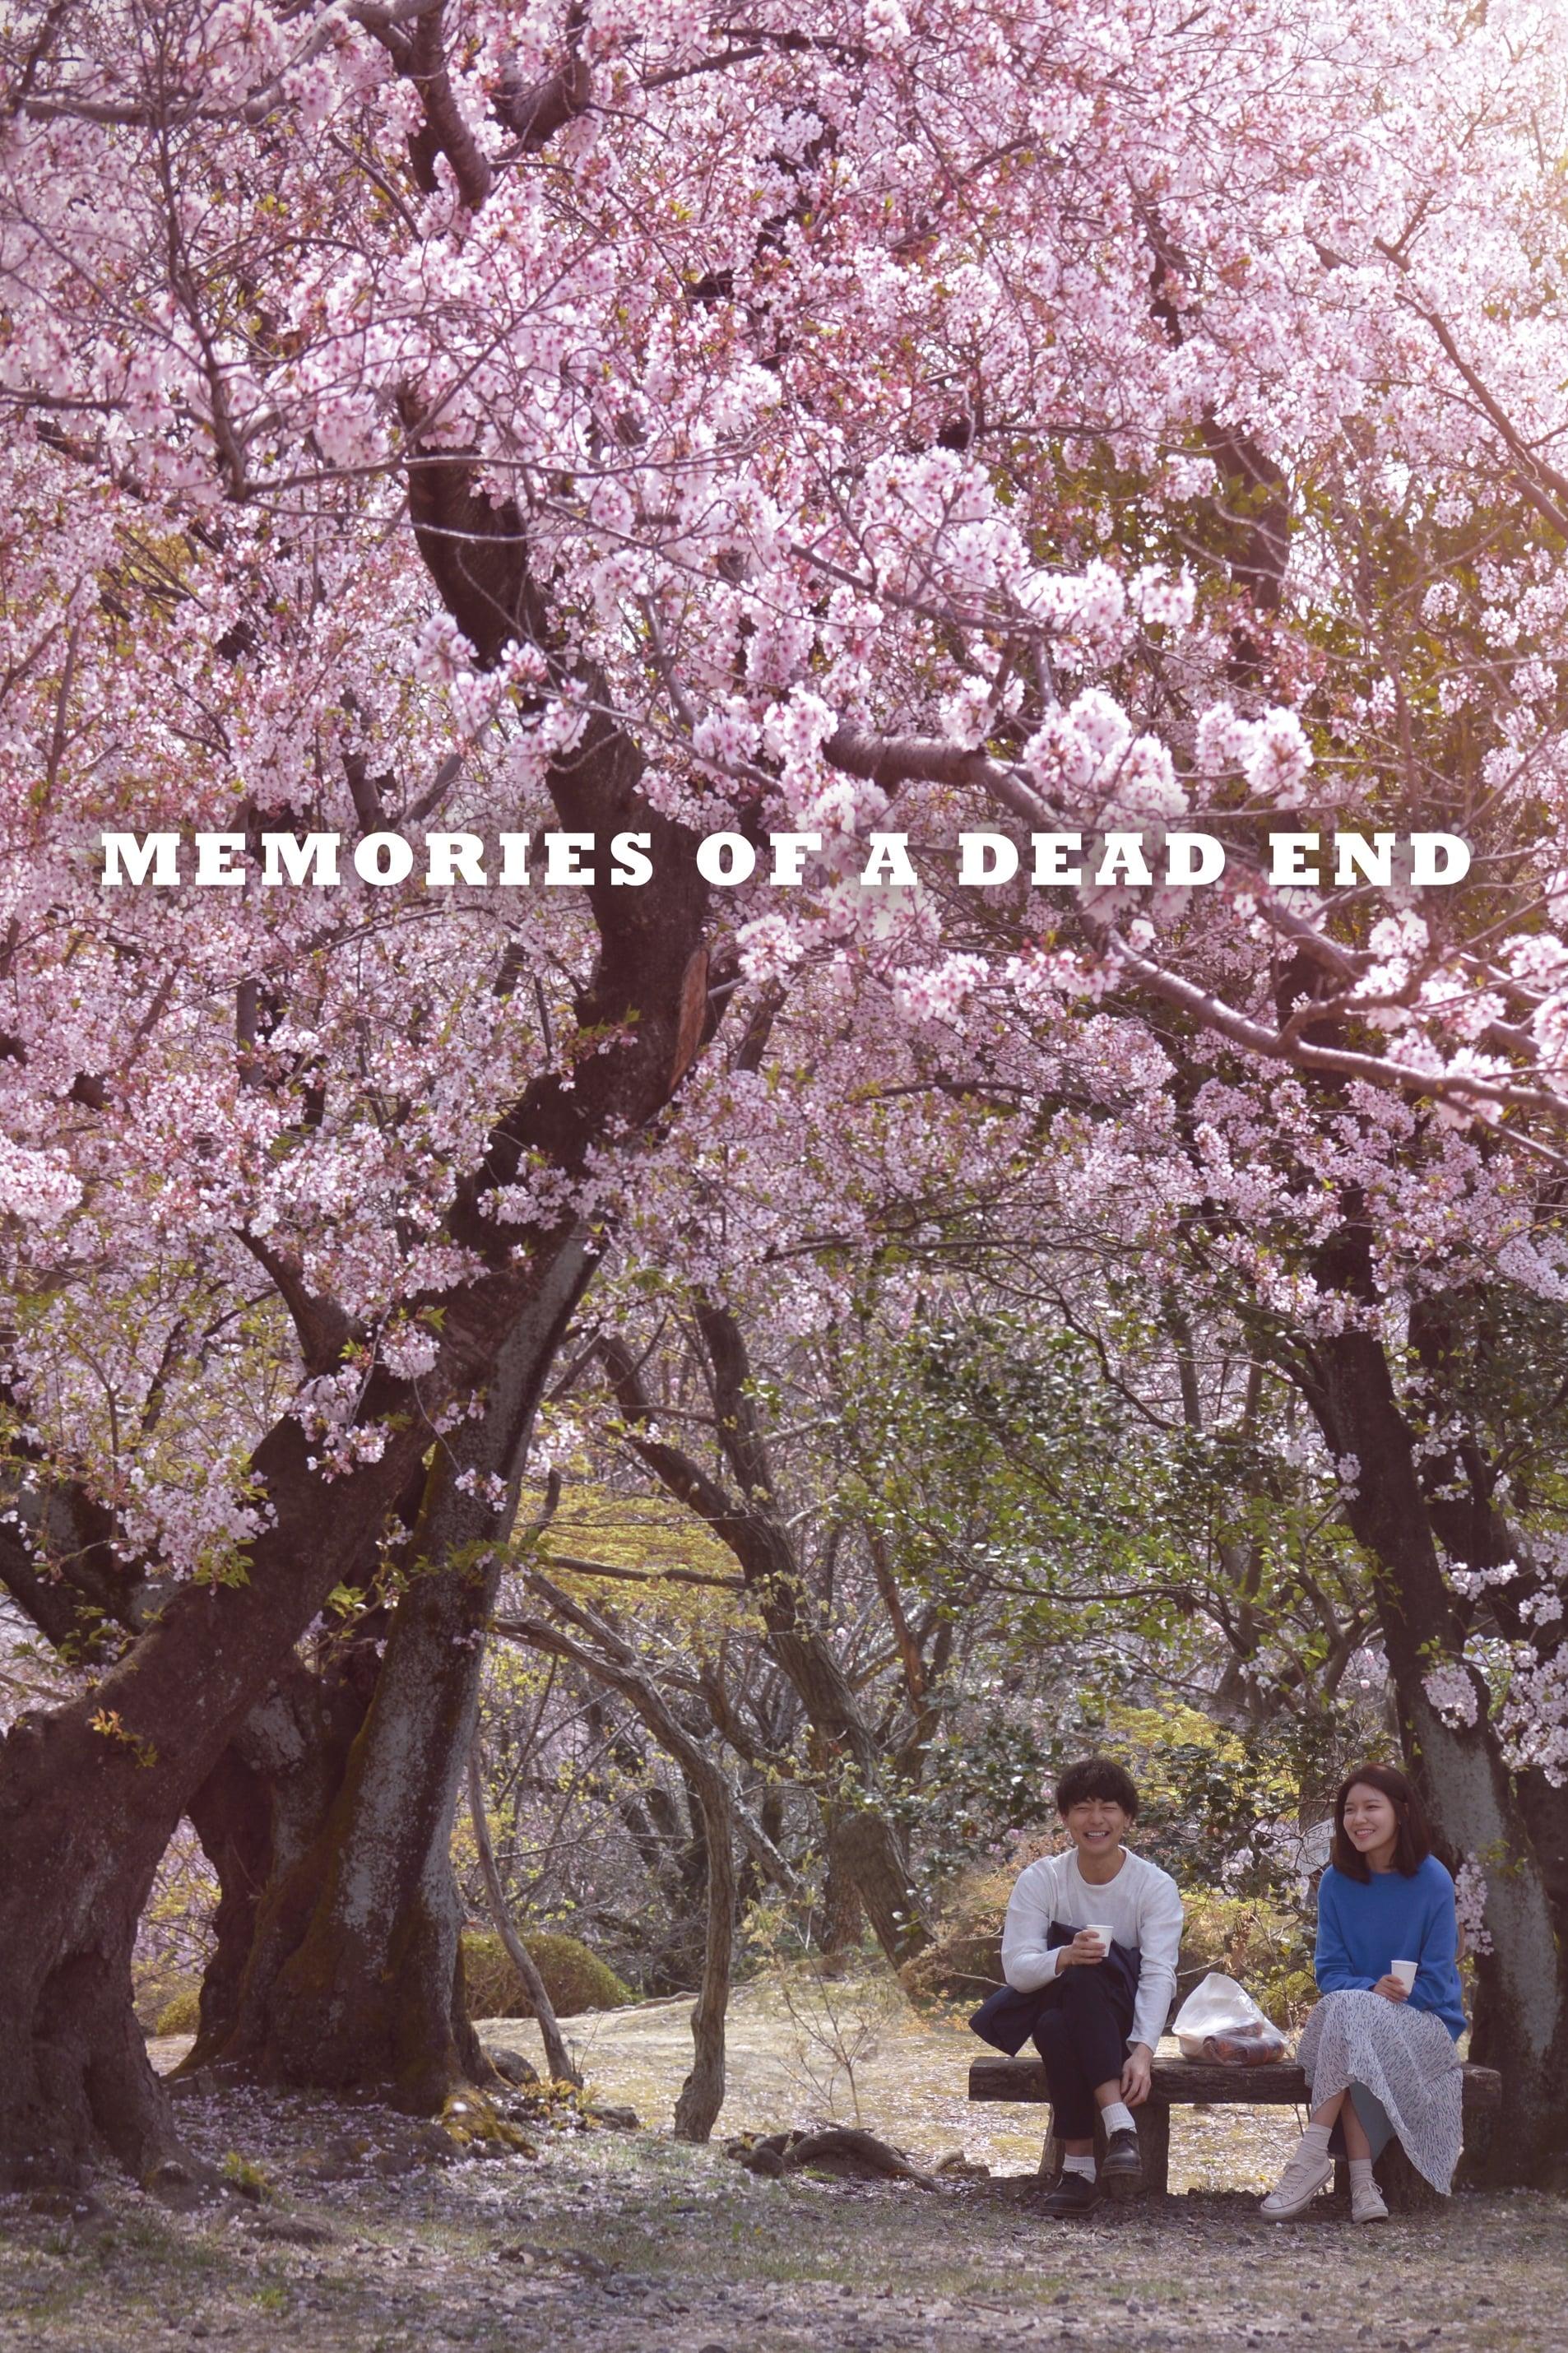 Nonton Drama Korea Memories of a Dead End (2019)